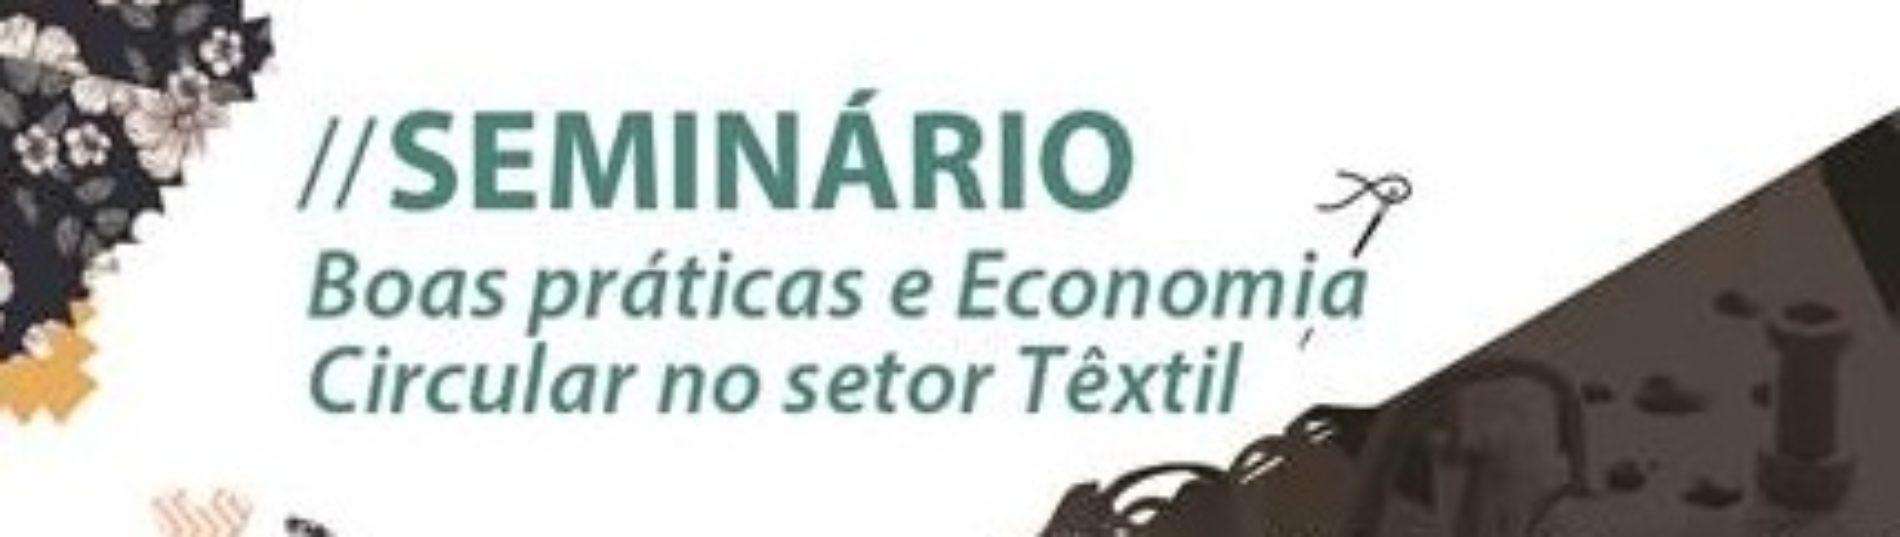 """Arganil promove Seminário """"Boas práticas e economia circular no setor têxtil"""